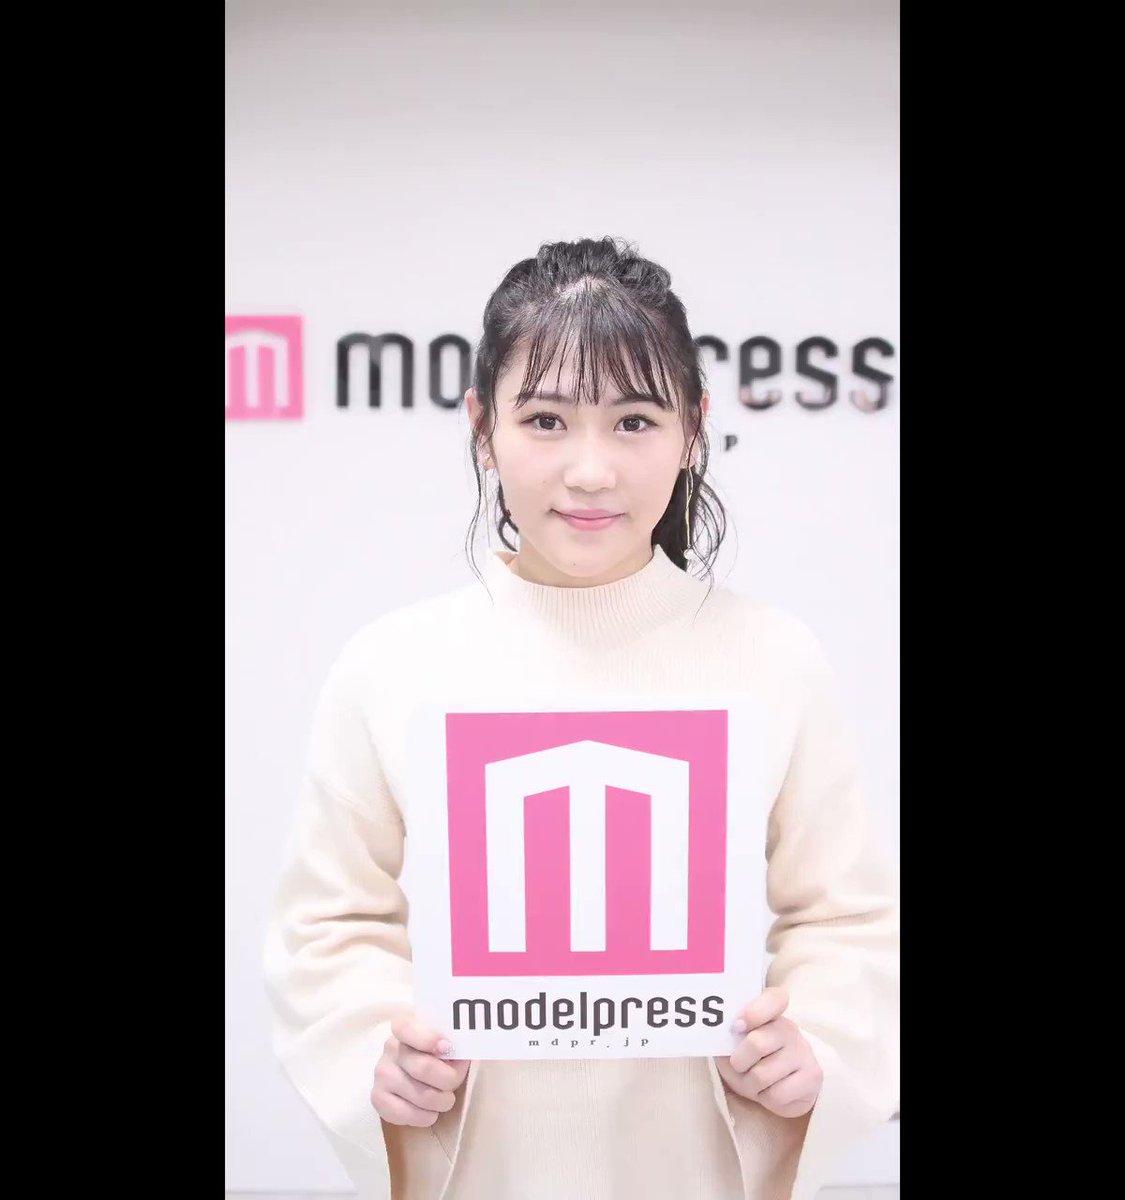 西野未姫さんからモデルプレス読者へメッセージ💛「嫌われた1年だった」…炎上への思い・激太りからの肉体改造法を聞いたインタビューはこちら▼前編:後編:@mikinishino4